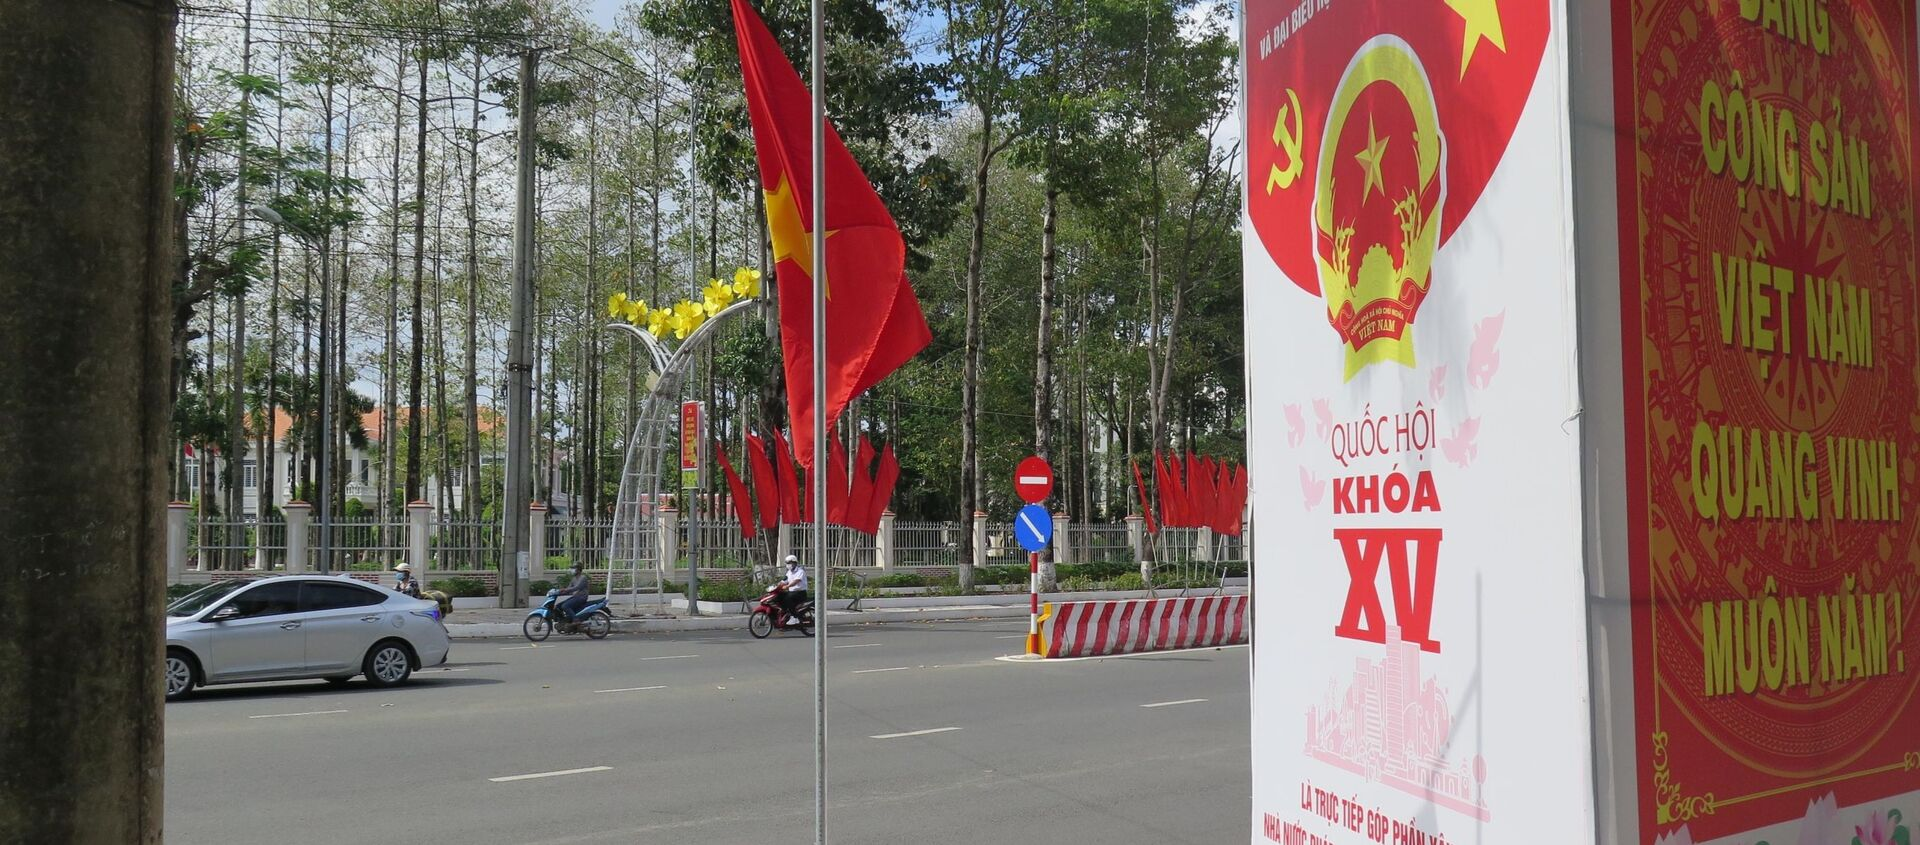 Băng rôn, khẩu hiệu tuyên truyền đã được treo ở các tuyến đường và địa điểm công cộng ở Cà Mau. - Sputnik Việt Nam, 1920, 24.05.2021